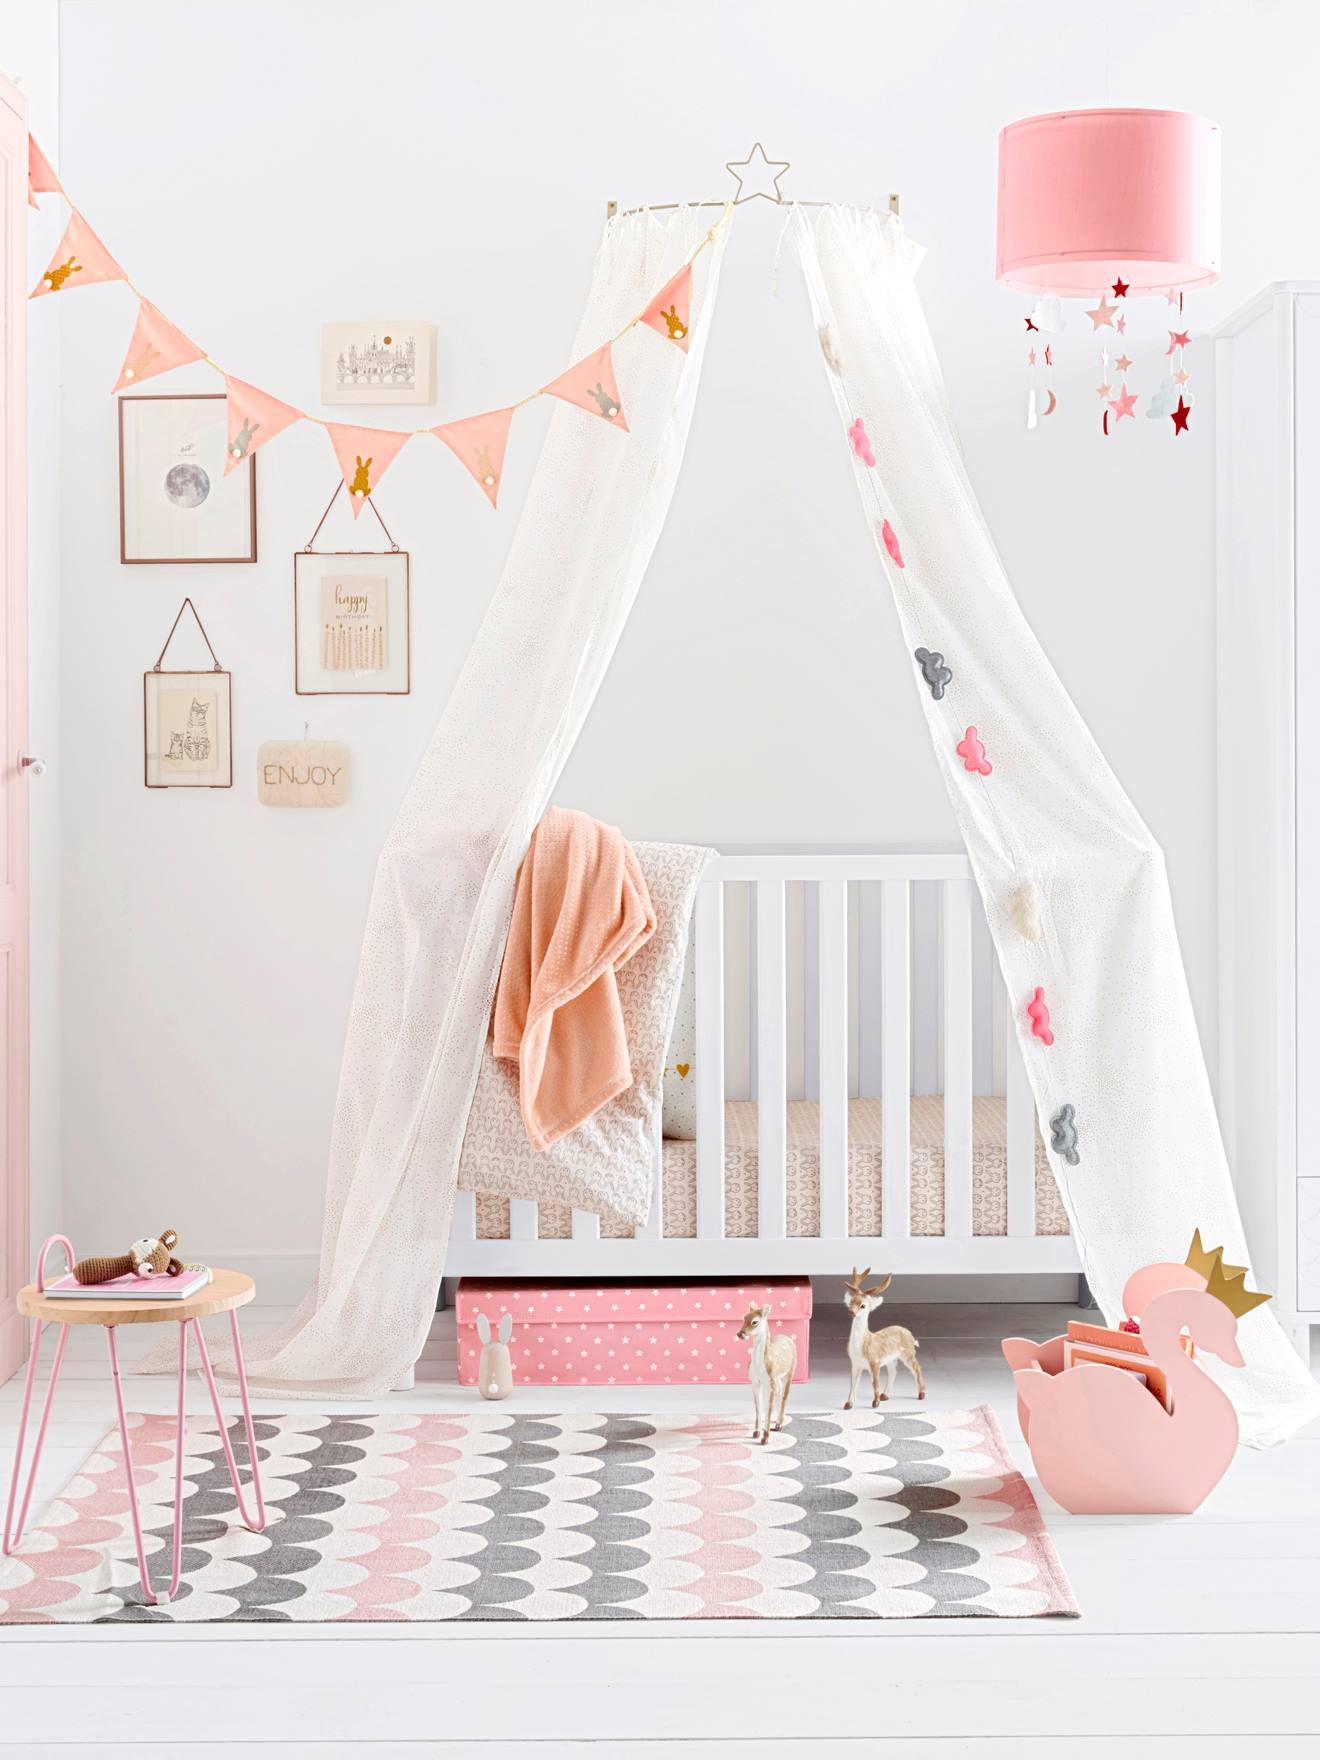 Vertbaudet Kinderzimmer-Teppich, reine Baumwolle in weiß/erika